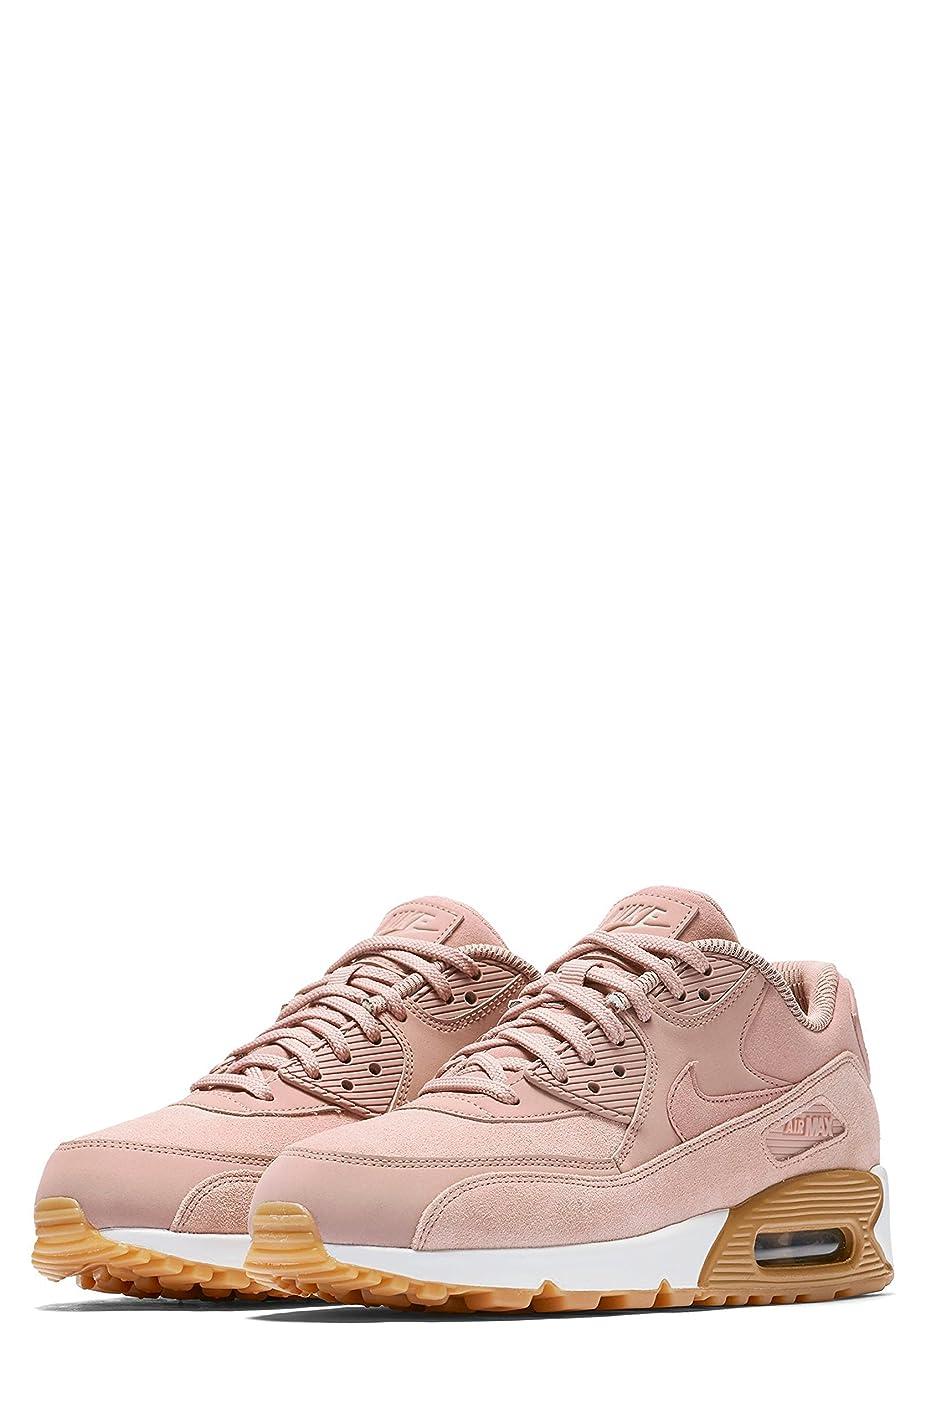 海賊オフセット黙認するナイキ シューズ スニーカー Nike Air Max 90 SE Sneaker (Women) Particle P [並行輸入品]